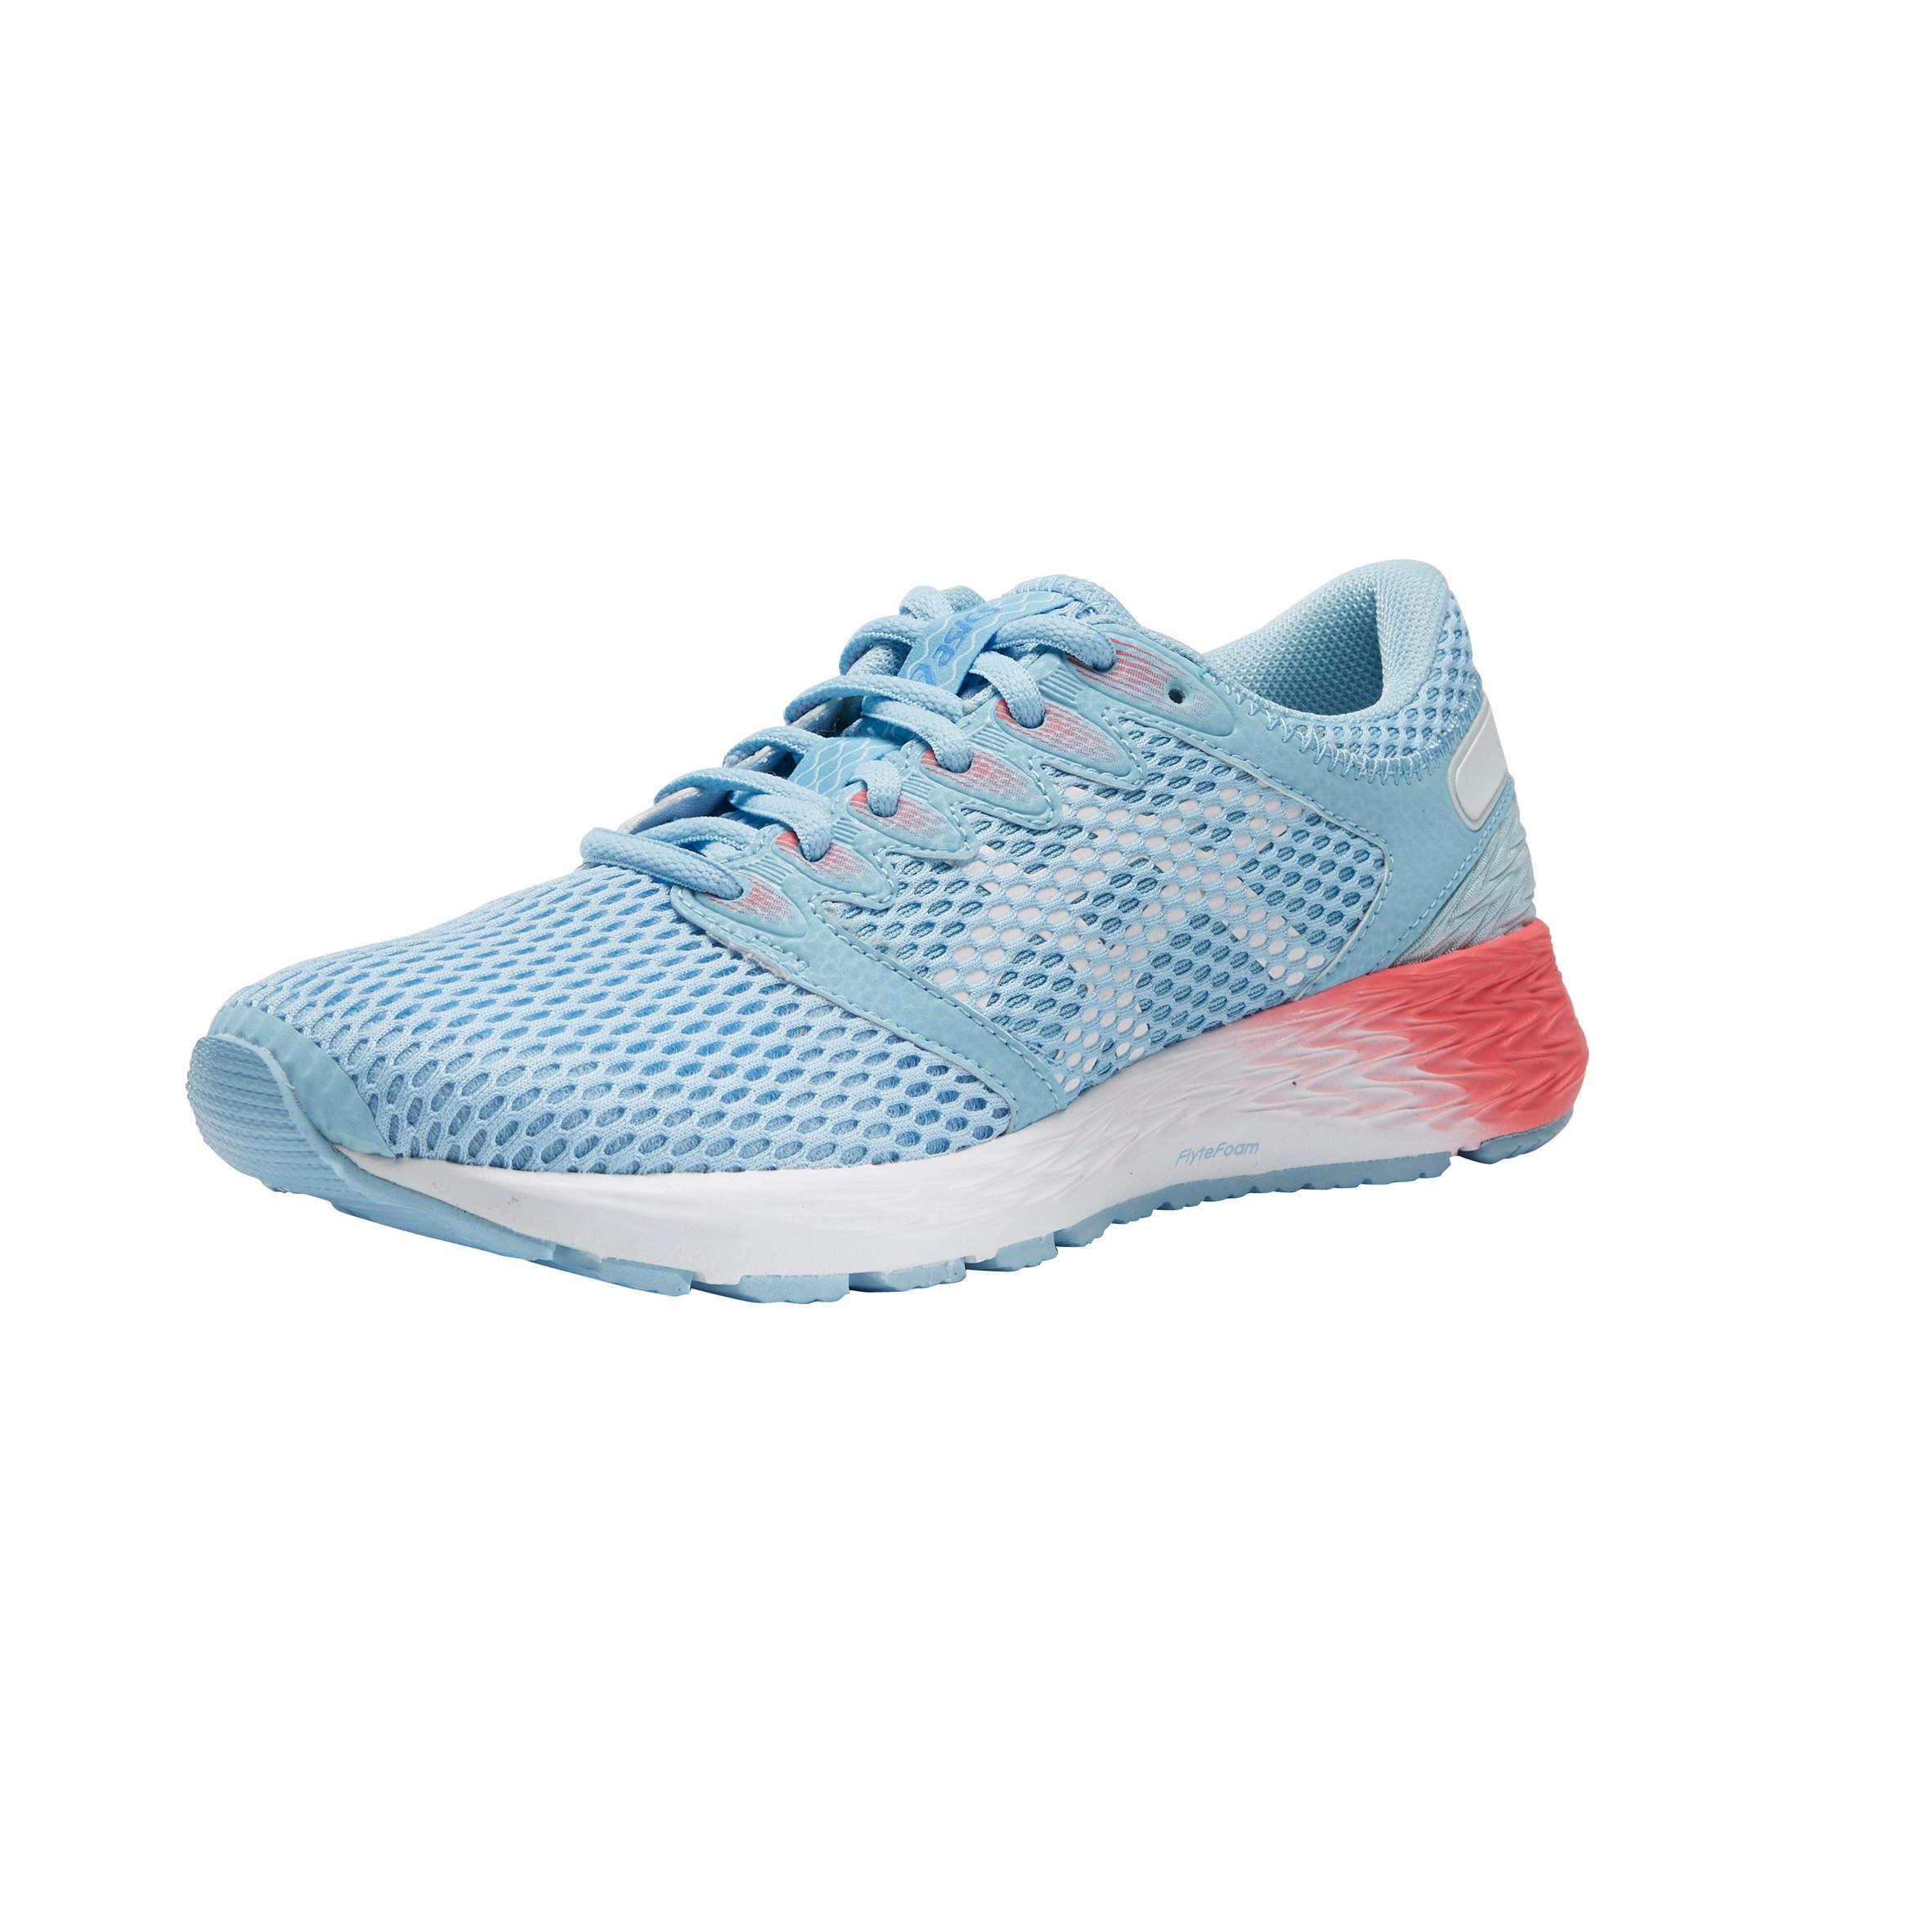 Asics Hardloopschoenen voor dames Gel Roadhawk blauw kopen